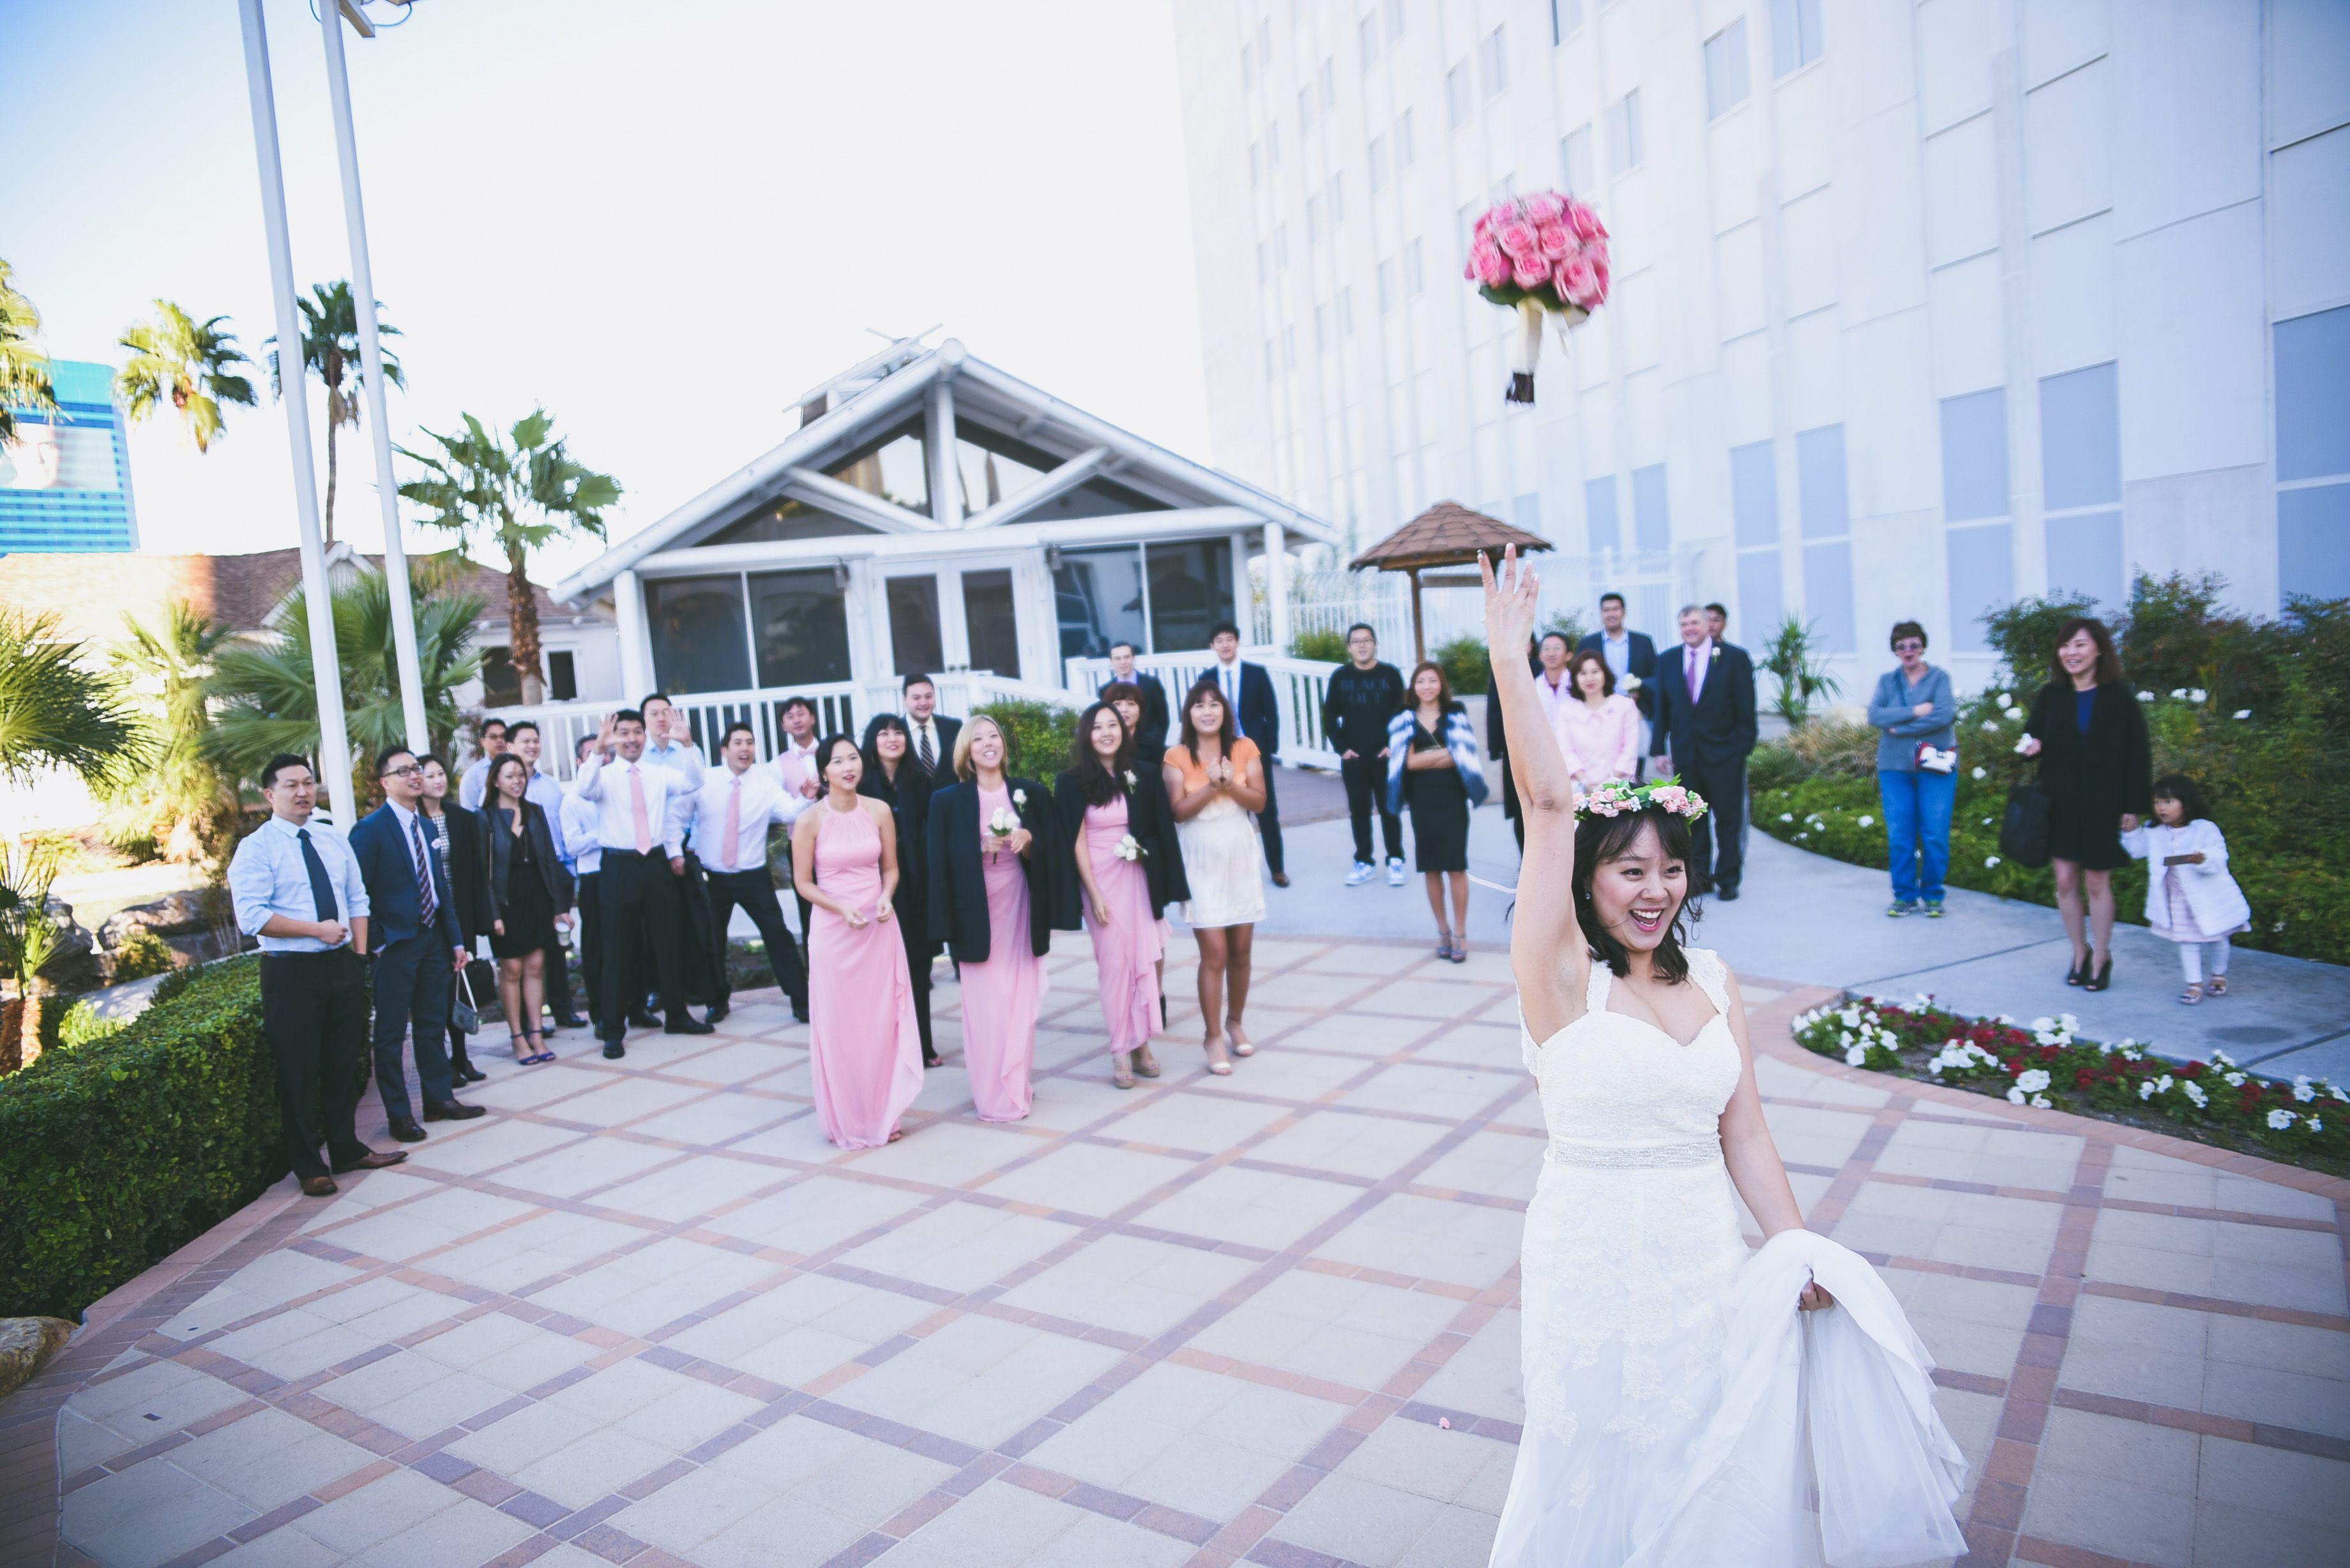 Outdoor Wedding Reception Location In Las Vegas Have A Garden